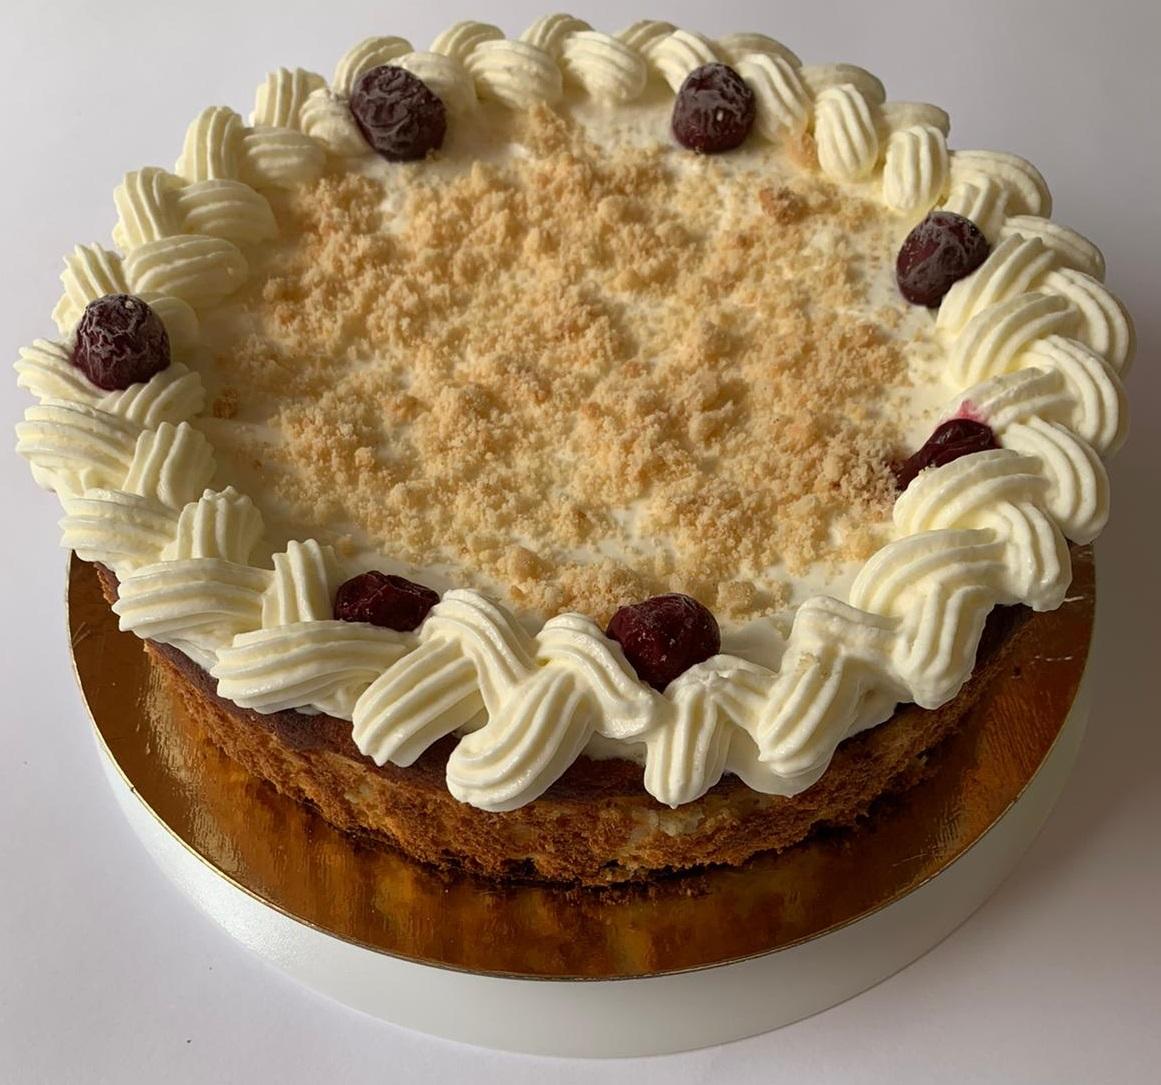 עוגת גבינה בניחוח הולנדי